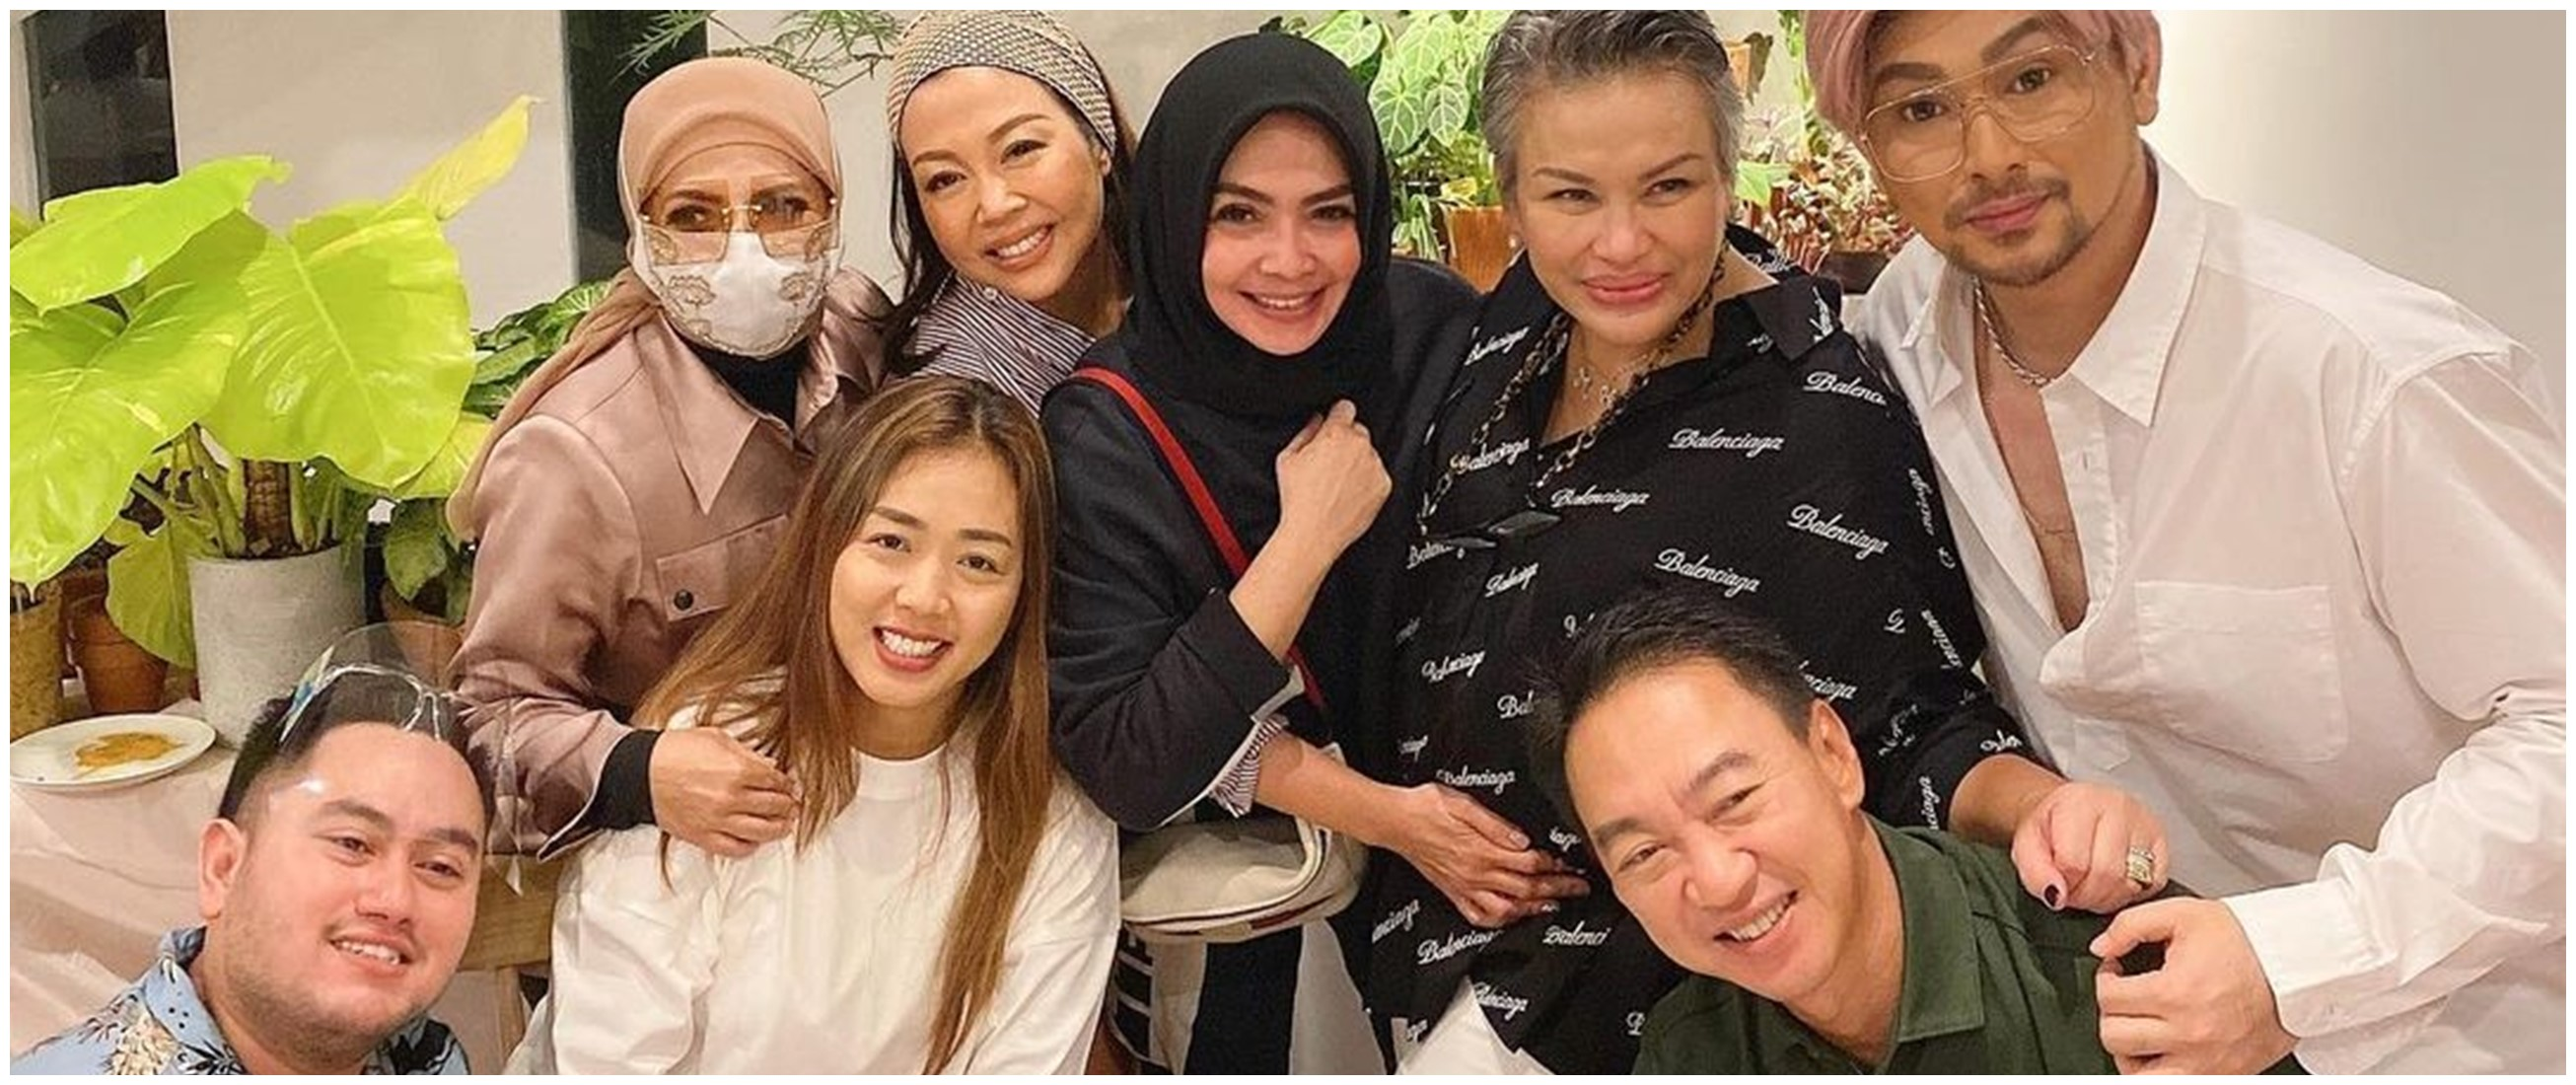 5 Momen Soimah kumpul bareng geng Rieta Amilia, curi perhatian